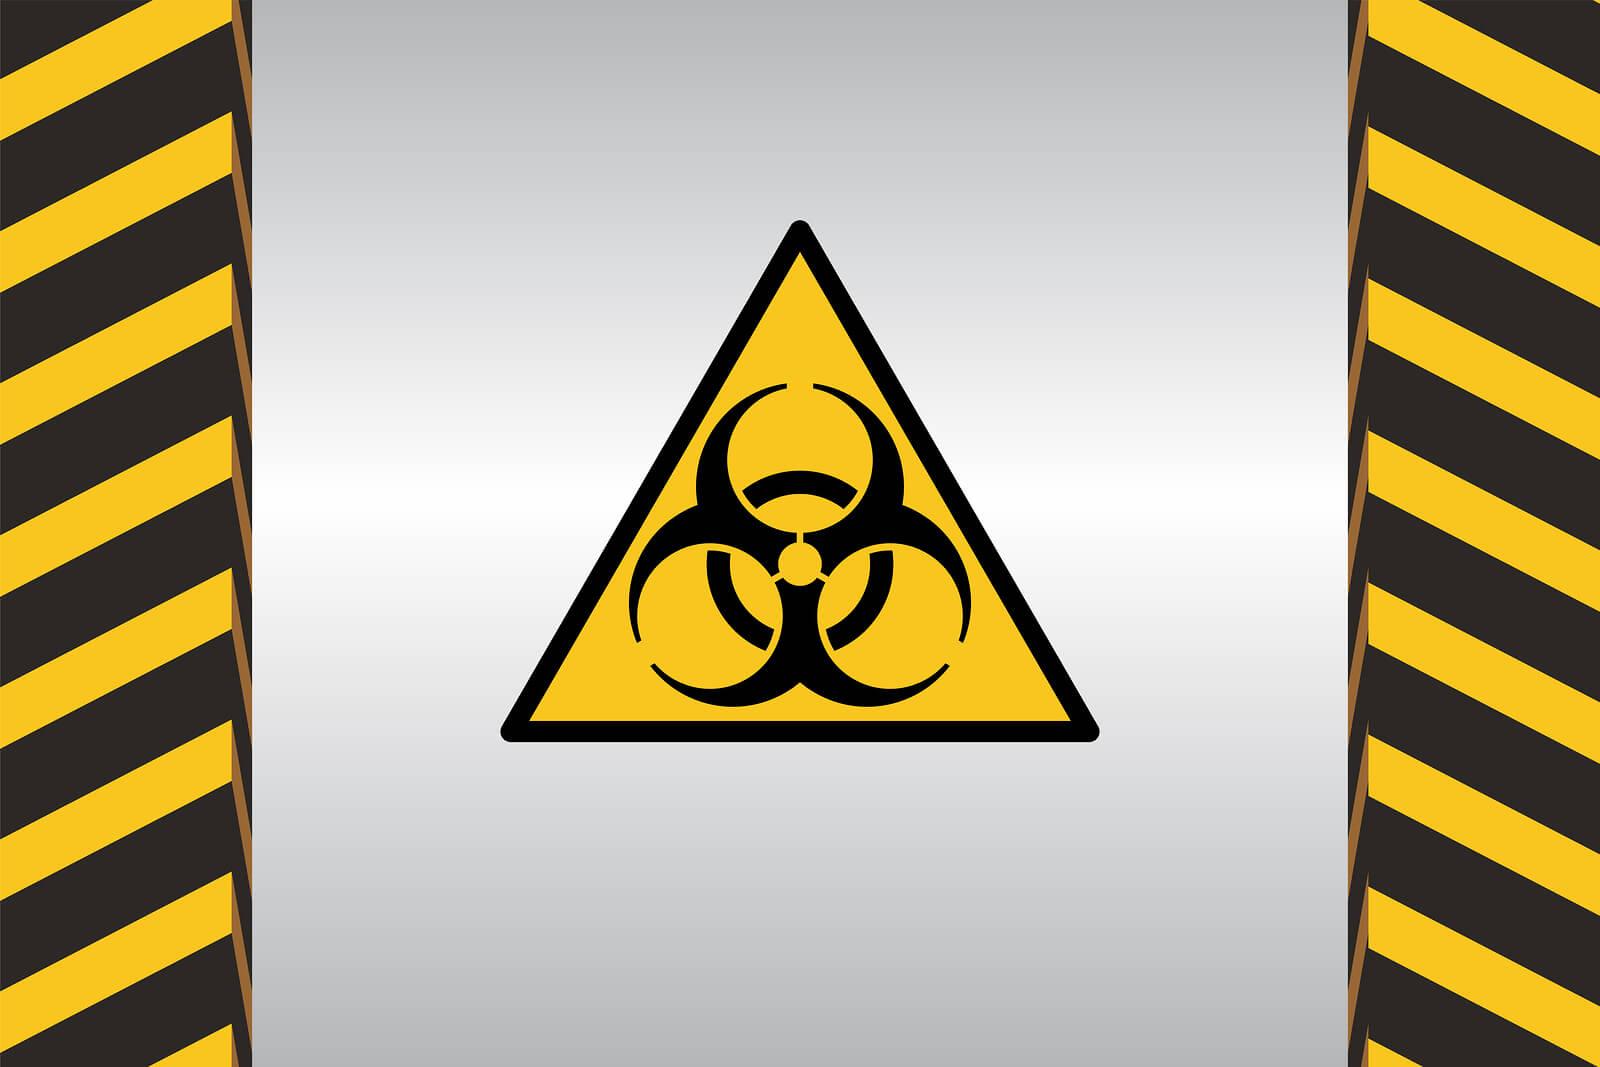 Trabajos tóxicos: 15 señales que alertan de su existencia